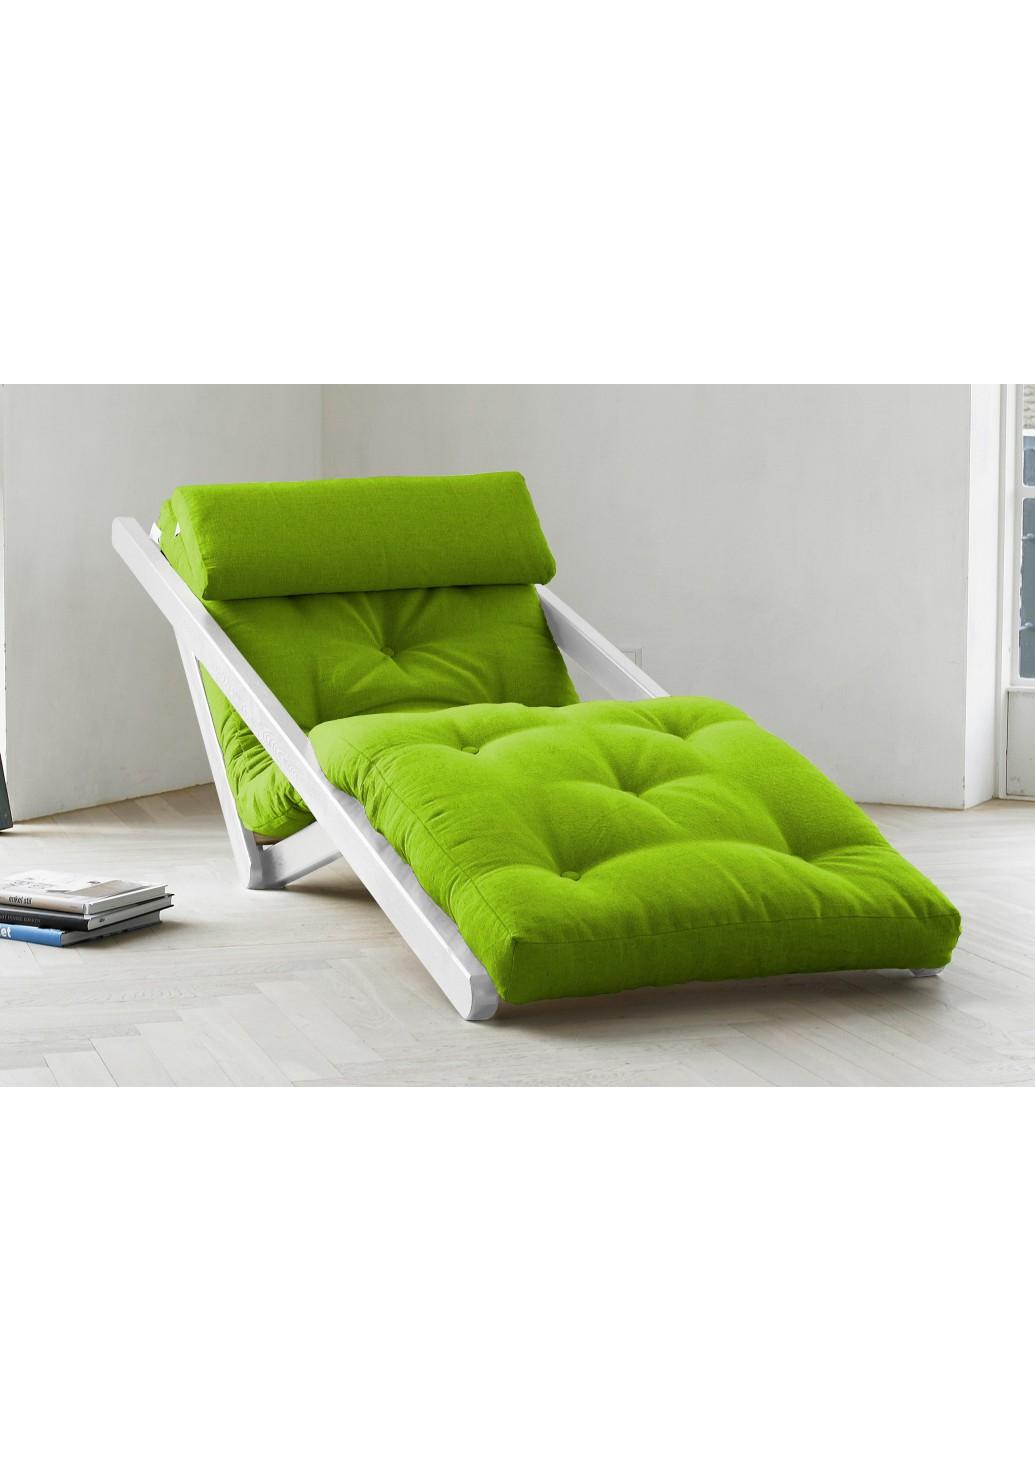 Кровать матрас для детей 99